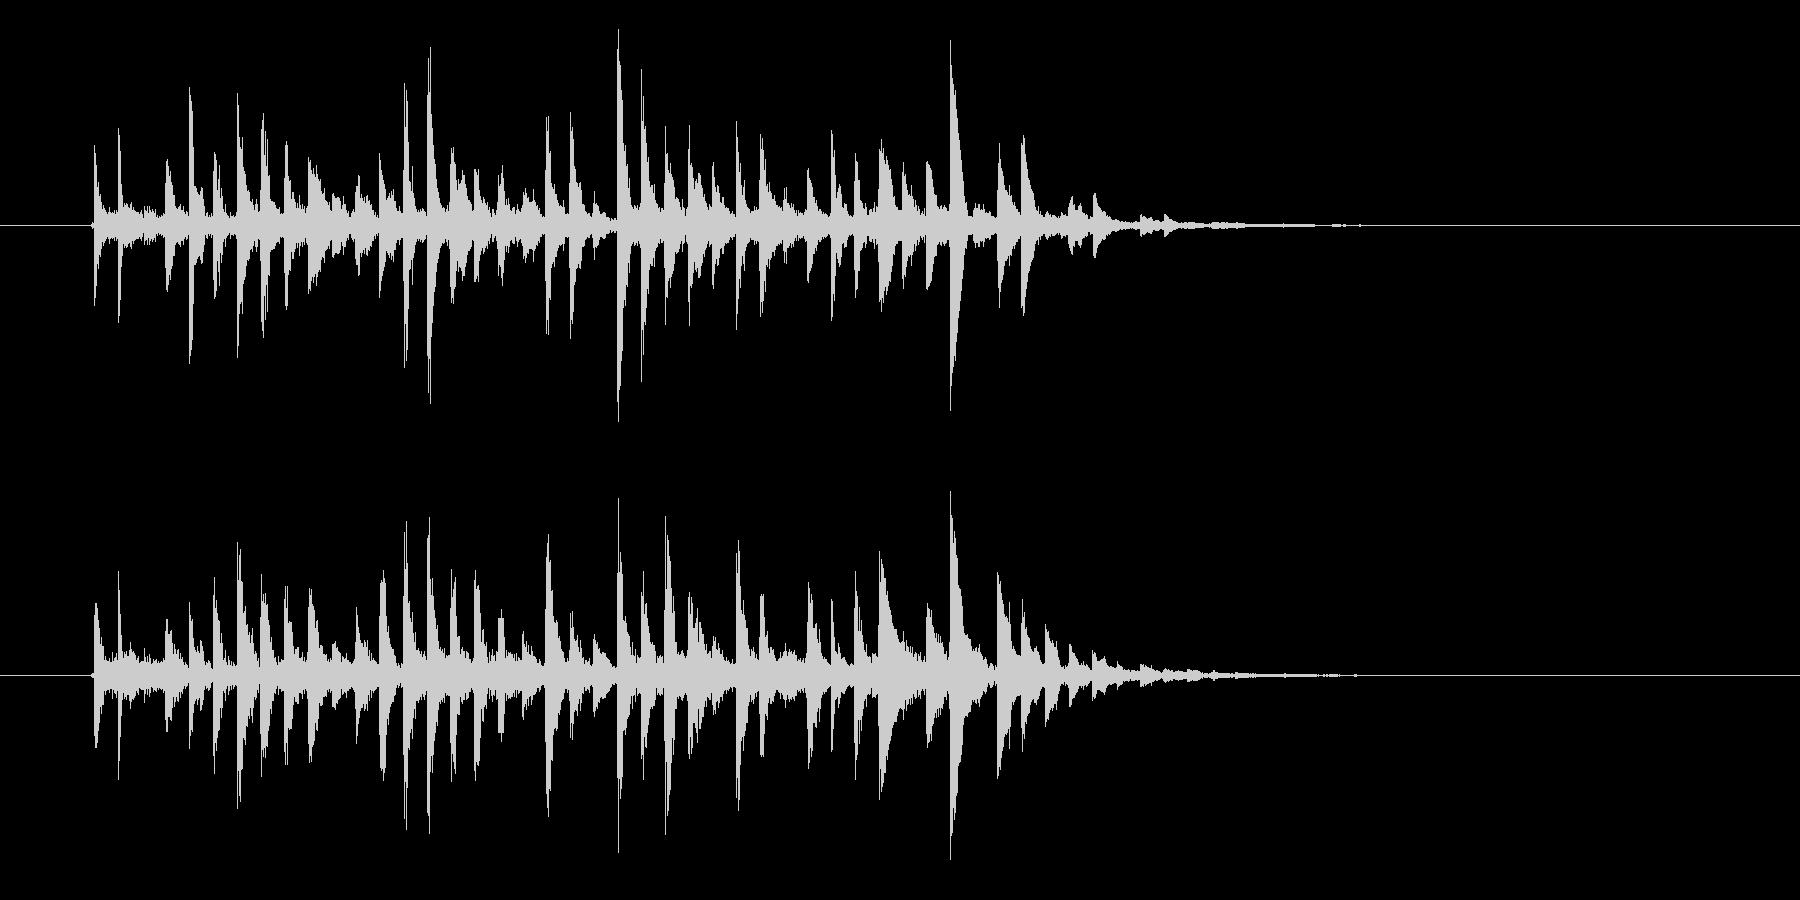 アップテンポなテクノ音楽の未再生の波形